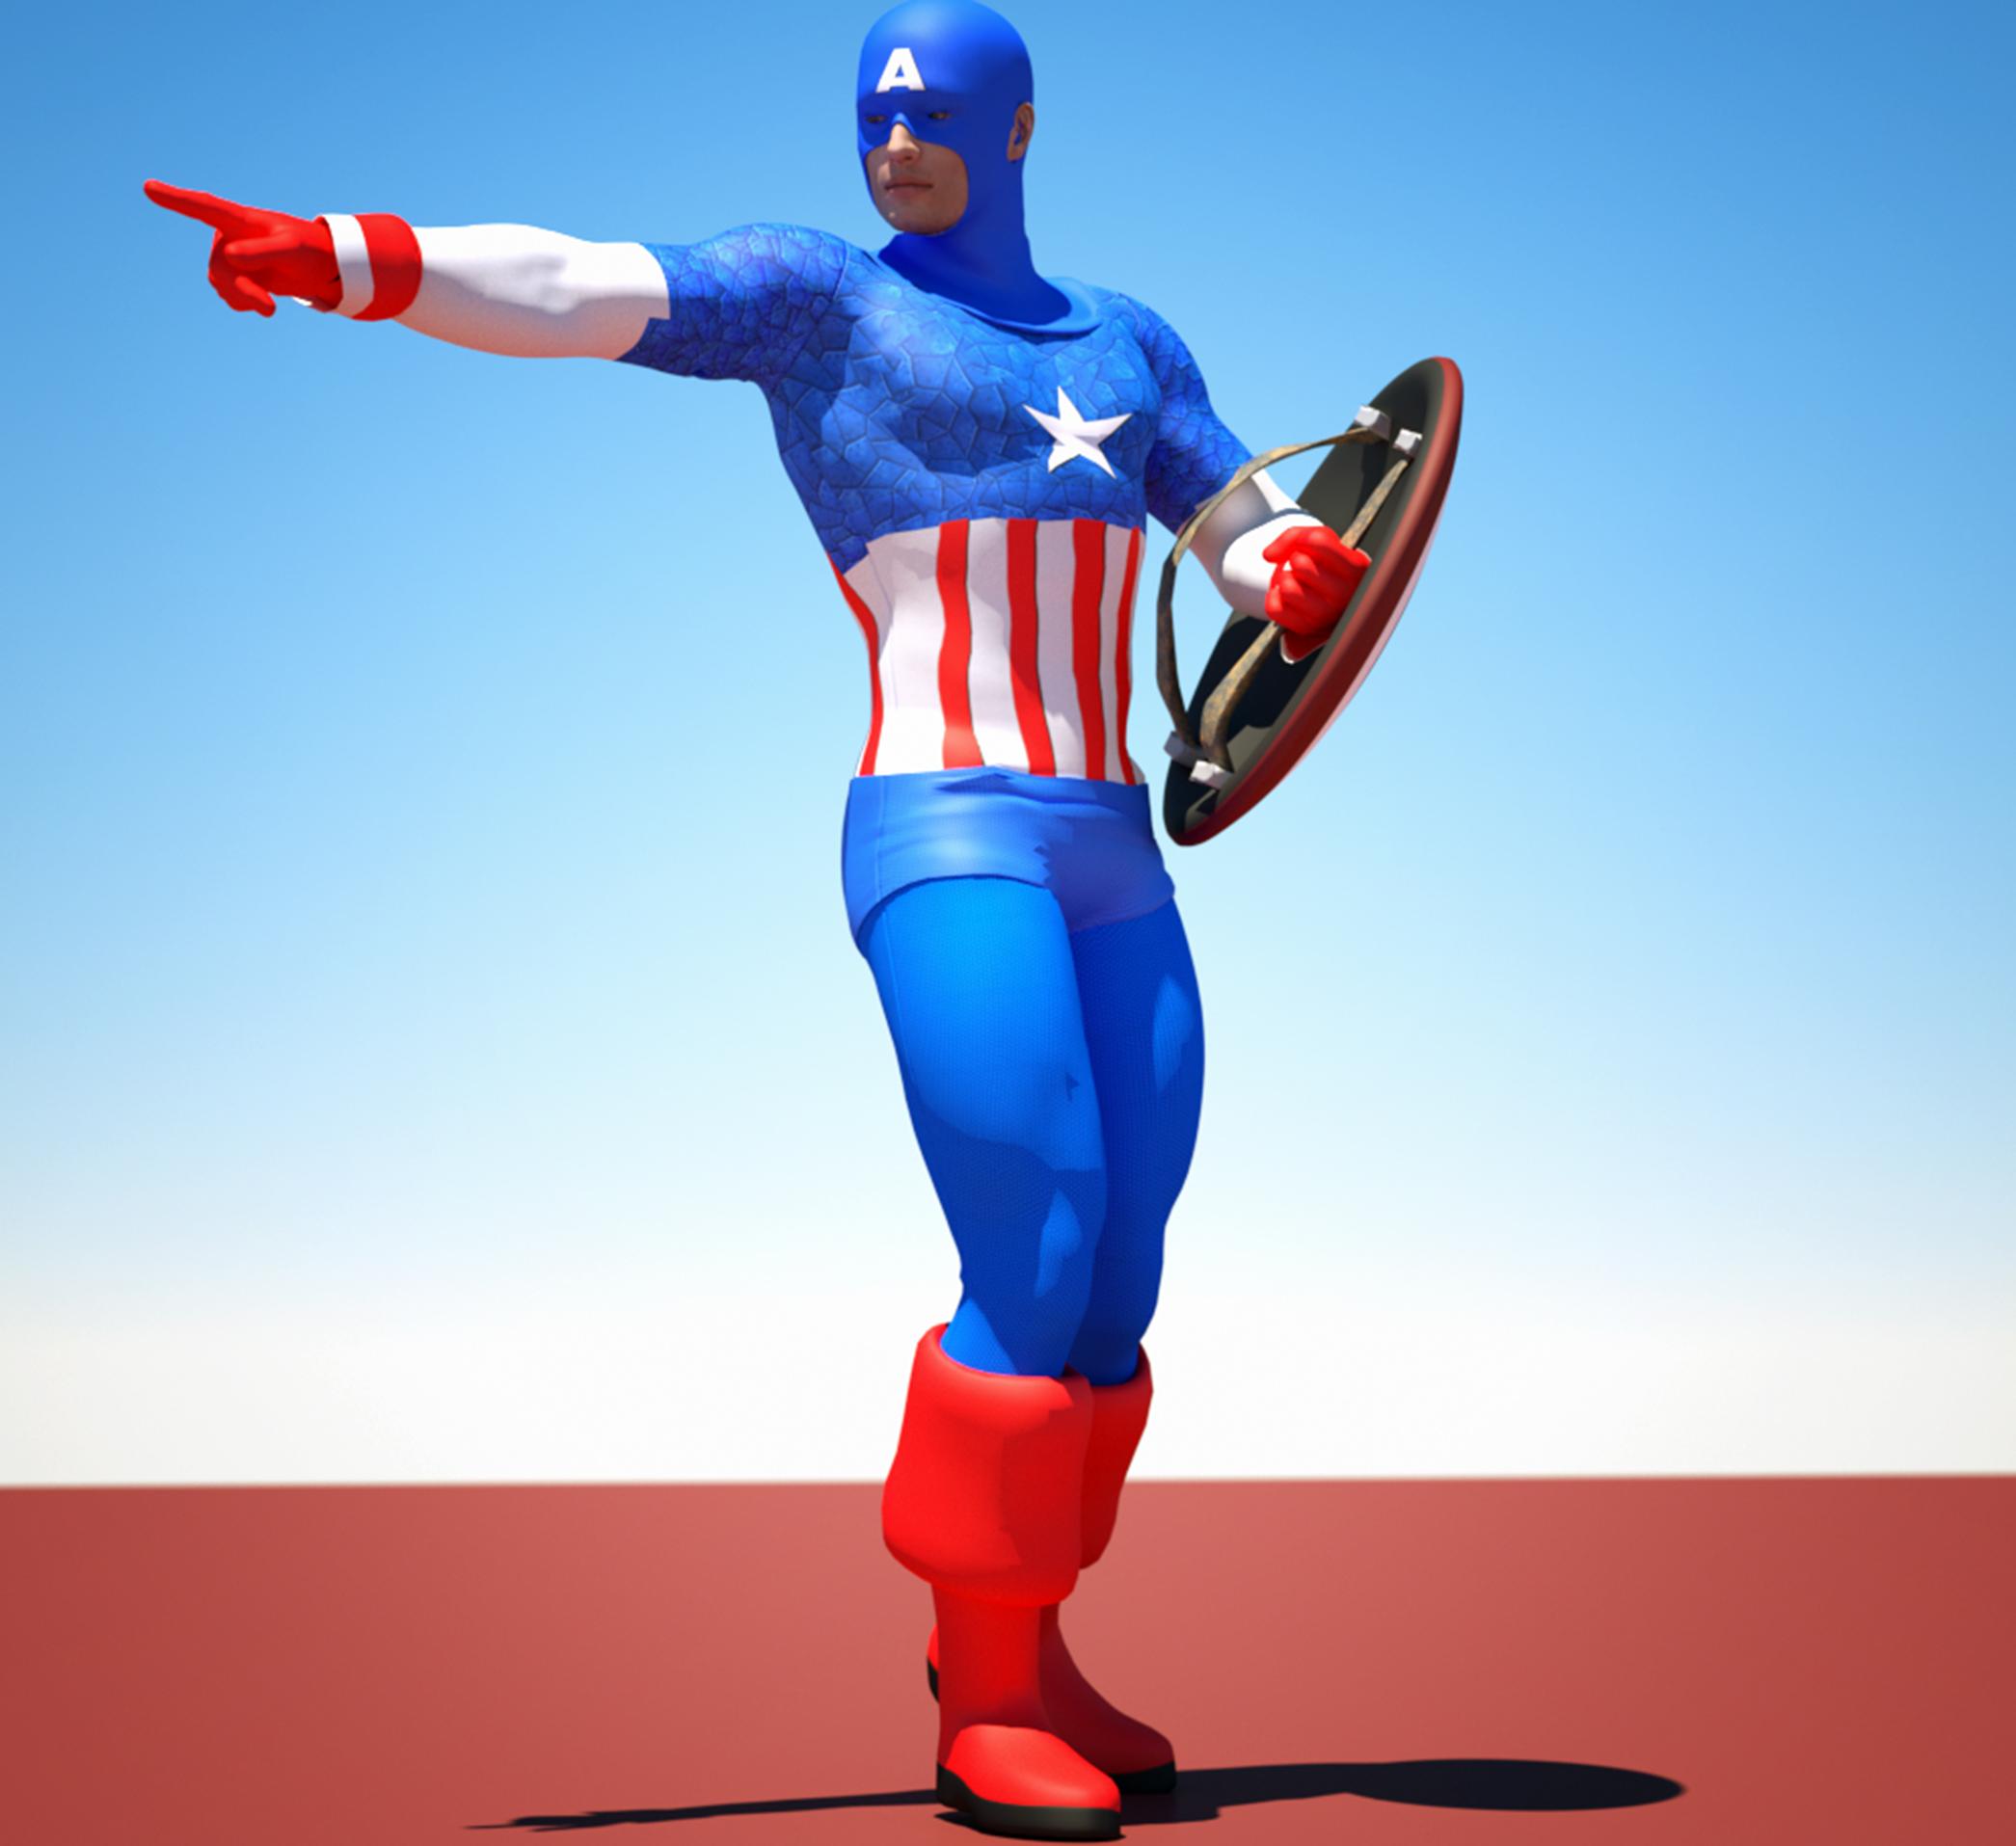 Cap America textures 4 Goldenage suit